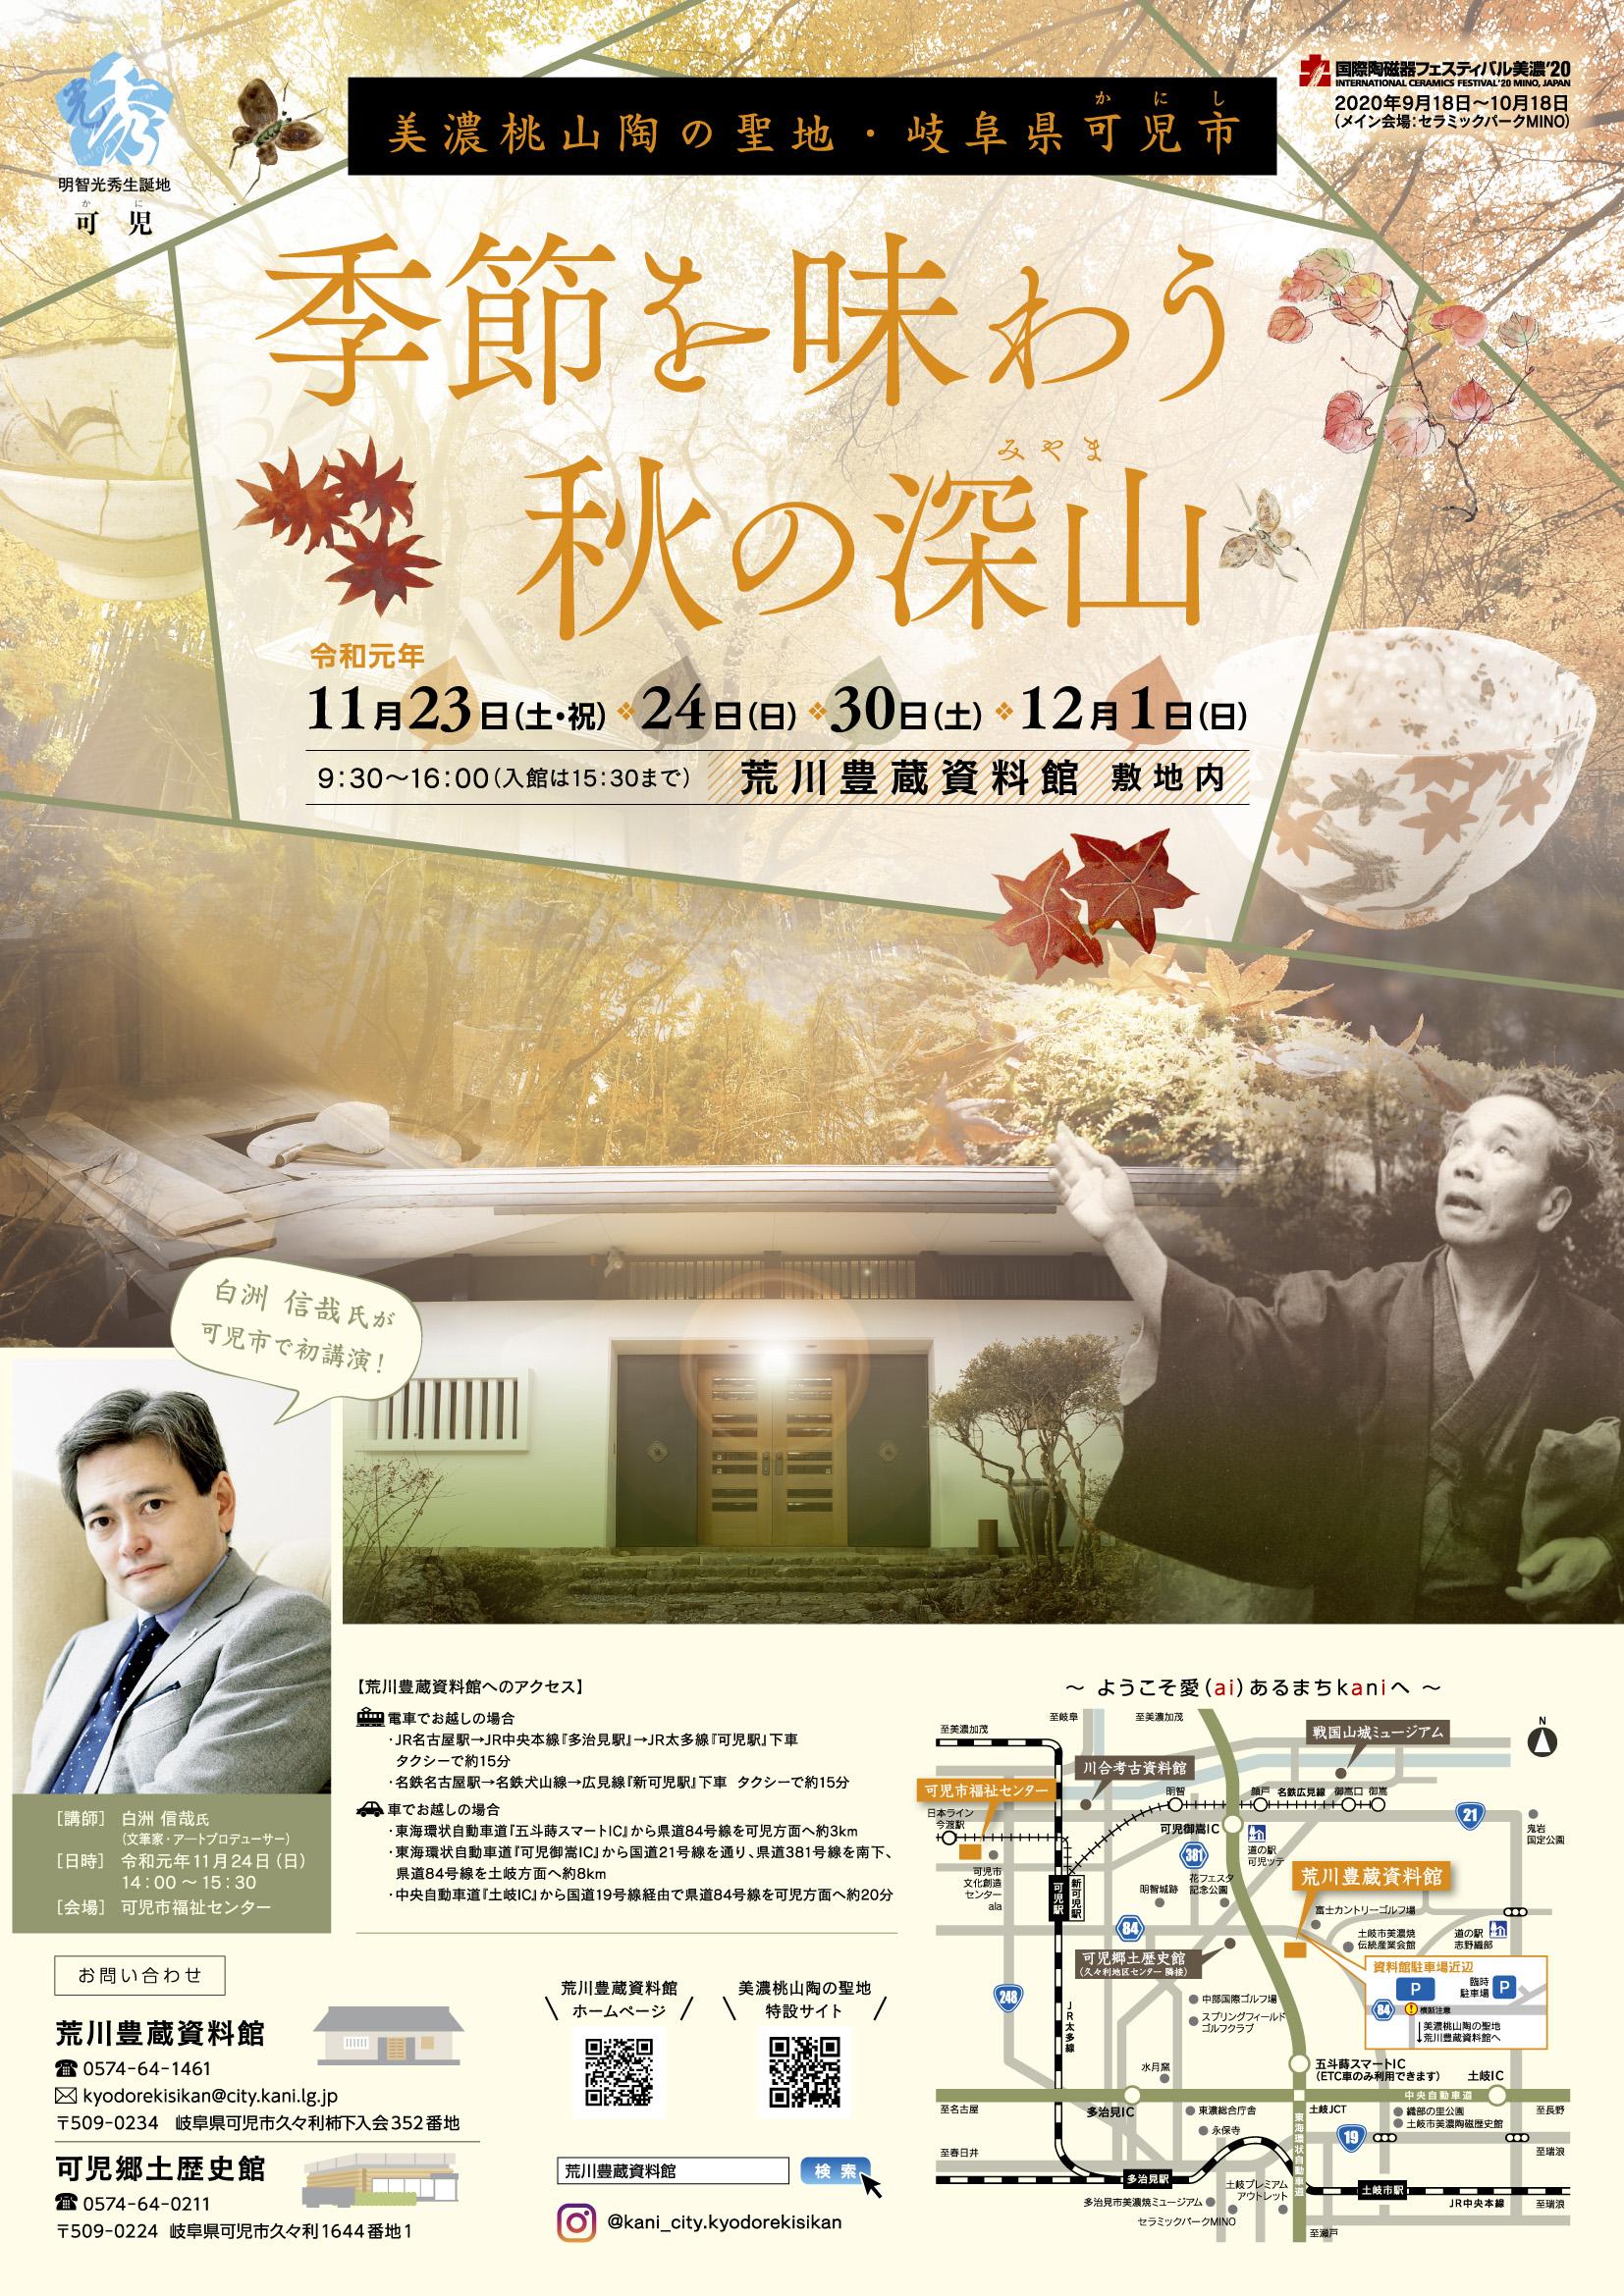 【荒川豊蔵資料館】秋の特別イベント「季節を味わう秋の深山」